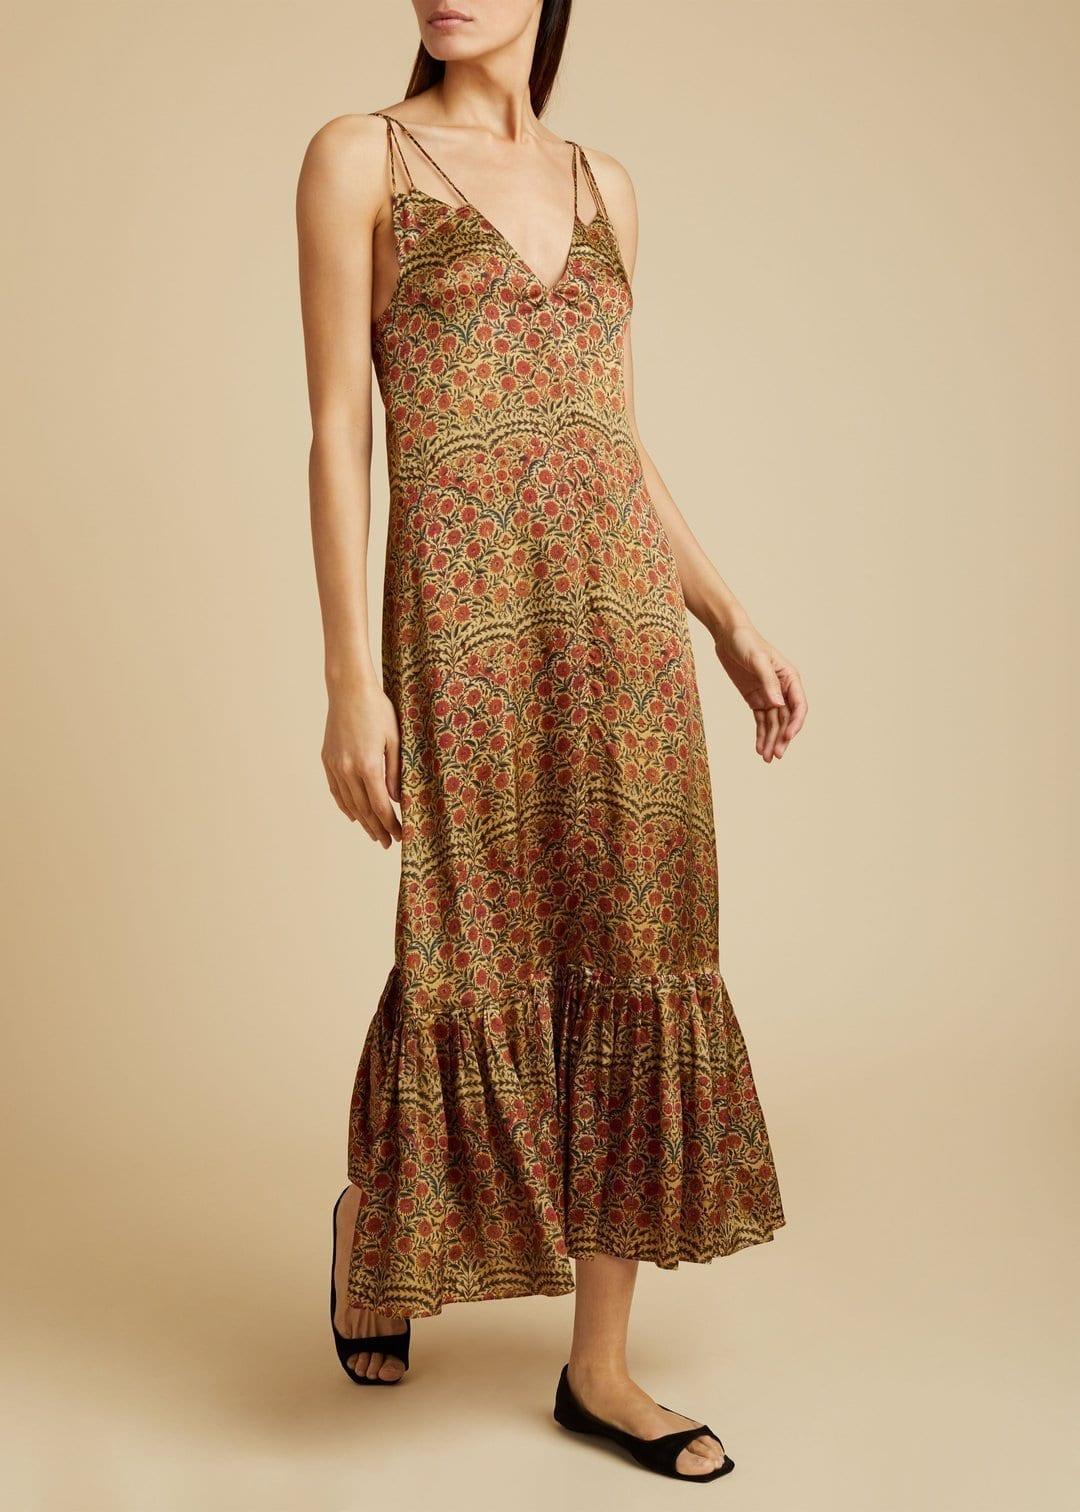 KHAITE The Stacey Dress